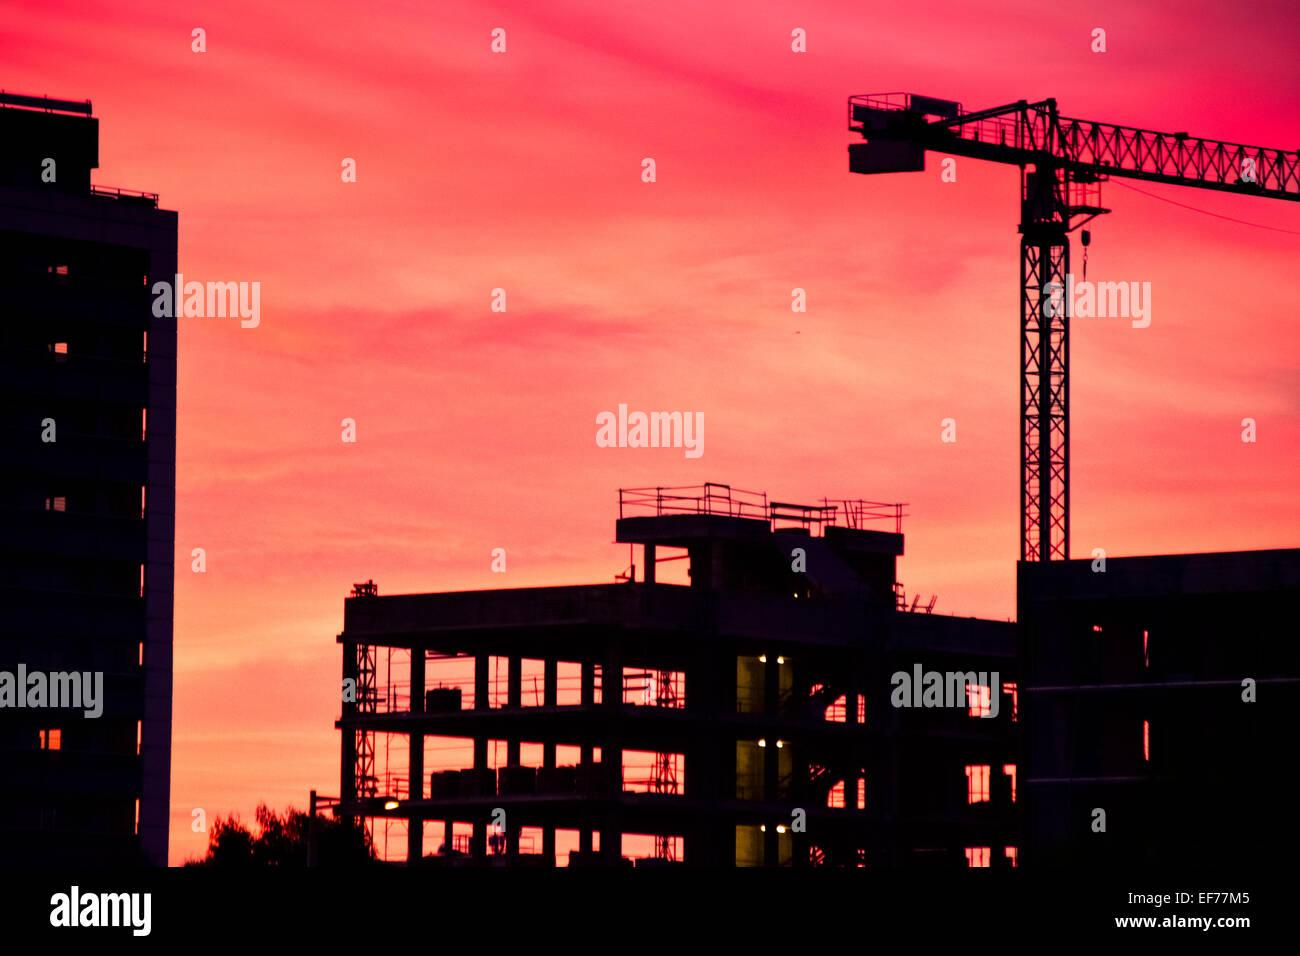 Bâtiment en construction au crépuscule. Photo Stock